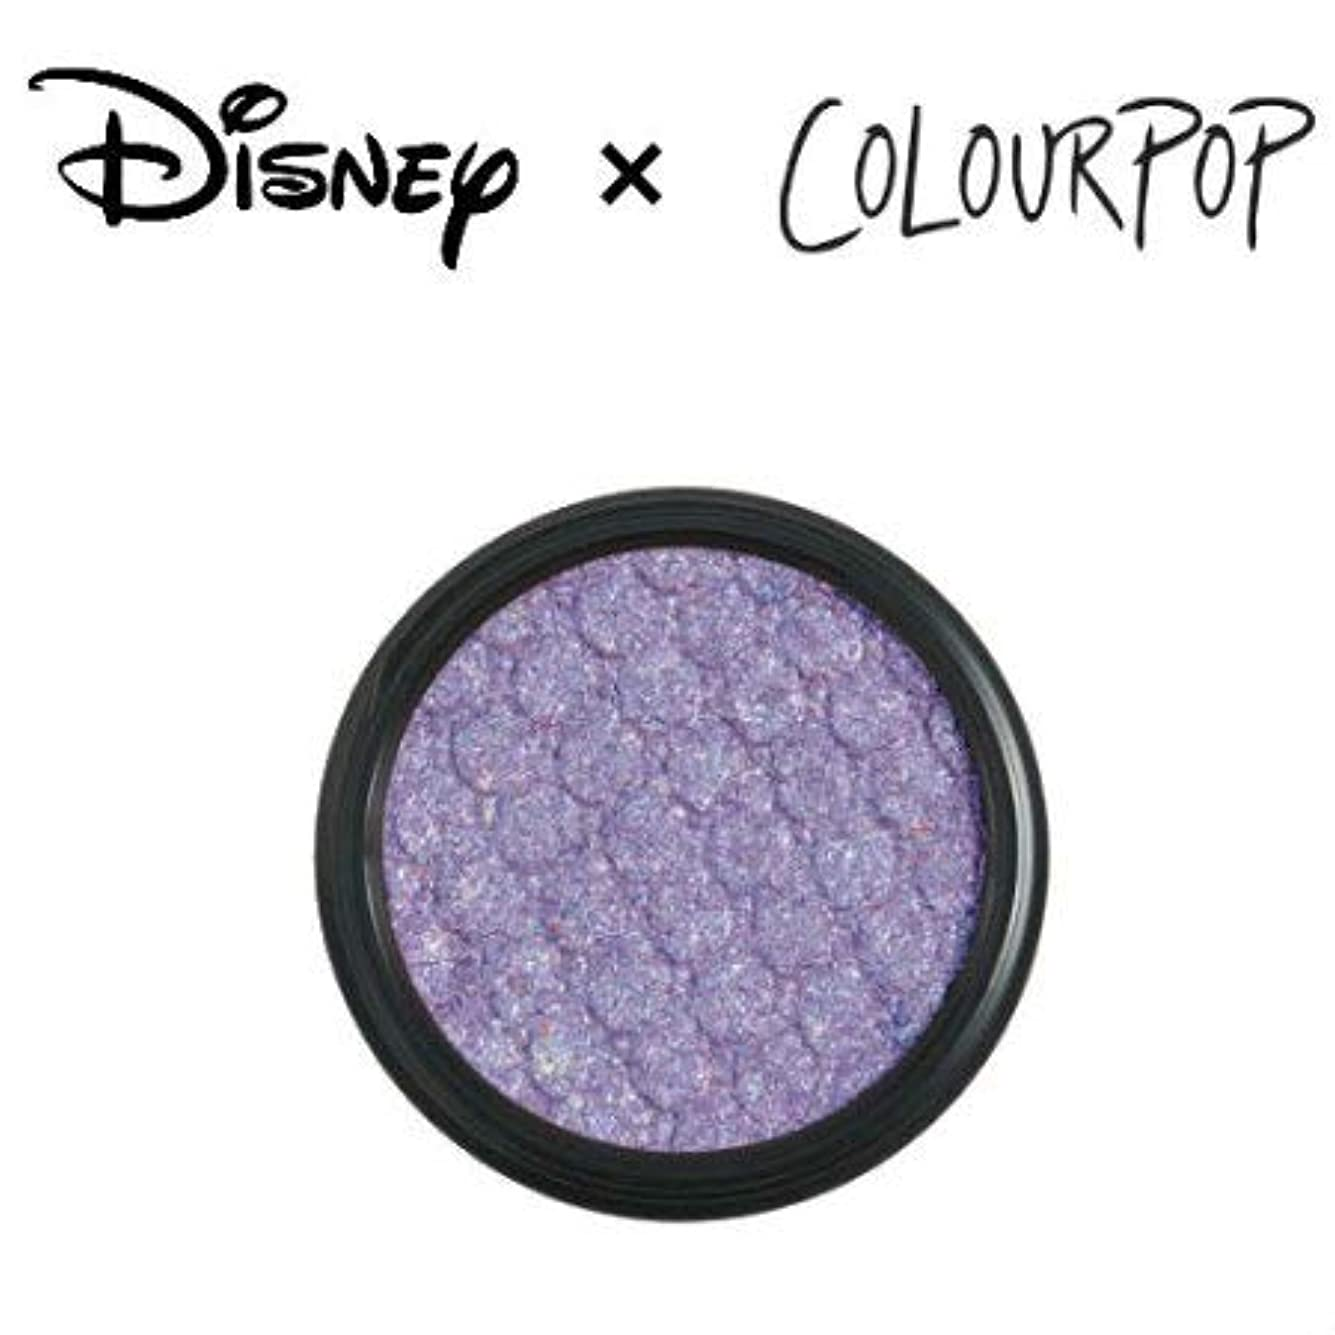 カラーポップ COLOURPOP x DISNEY ディズニー プリンセス アイシャドウ A WHOLE NEW WORLD(アイシーラベンダー)